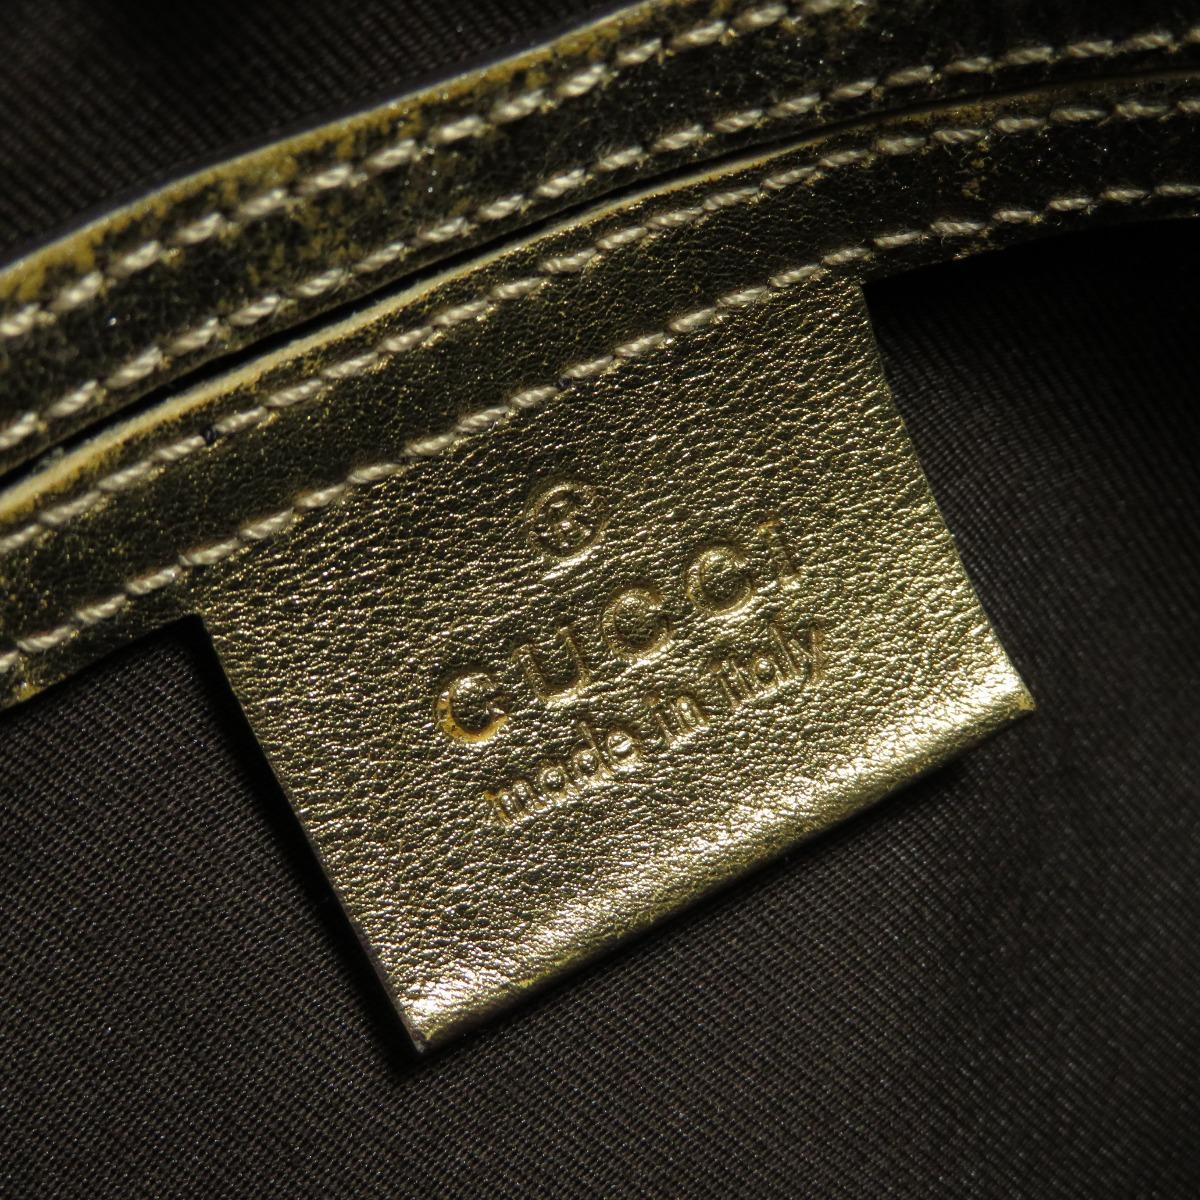 グッチ 193604 GGクリスタル ミニボストン ハンドバッグ PVC レディースGUCCIMVUGqSzp